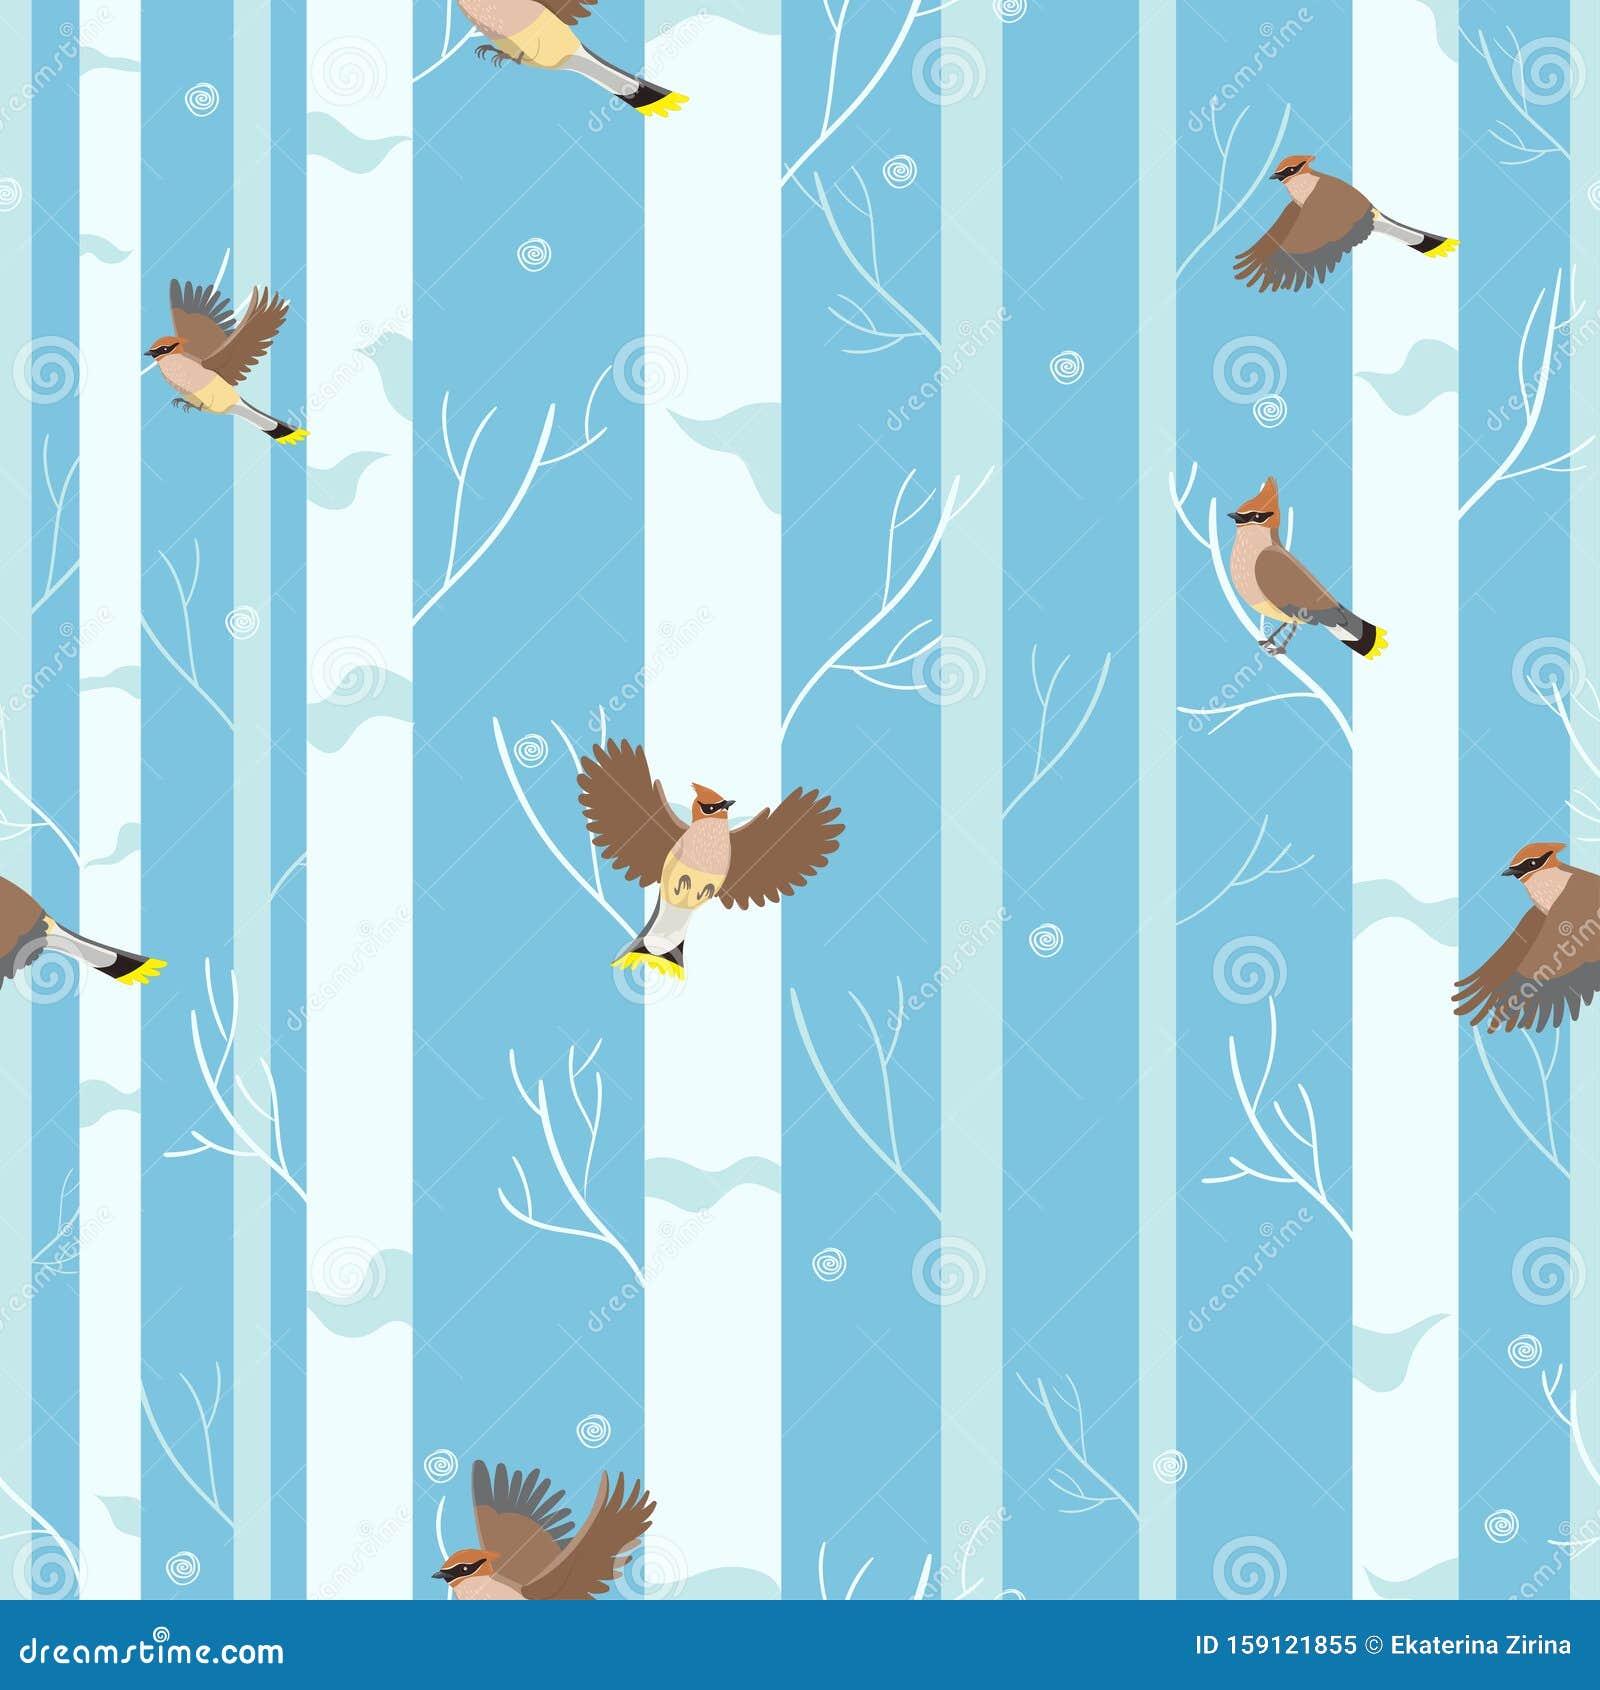 Waxwings birds seamless pattern in winter forest